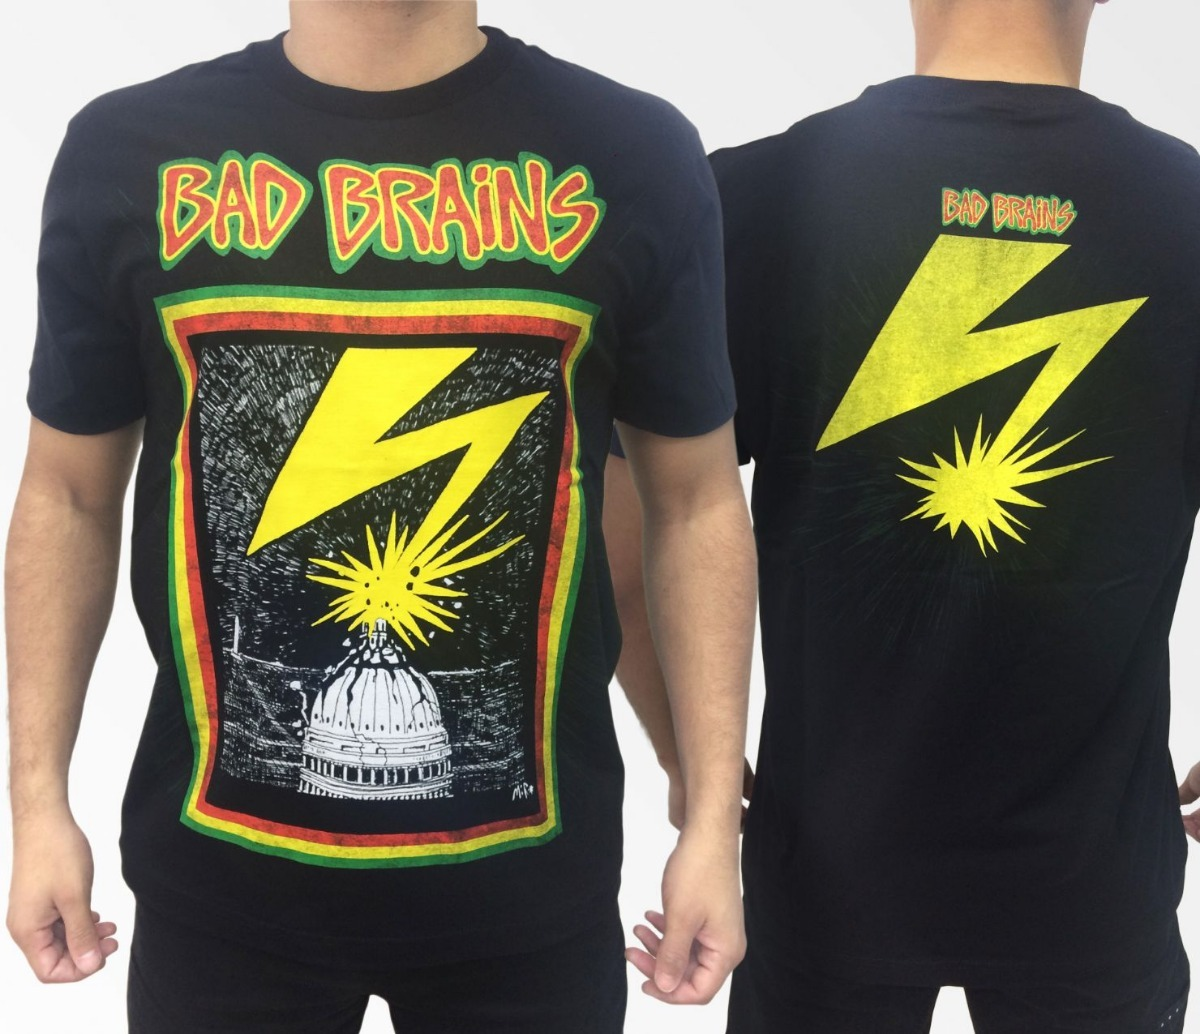 561e581572df3 Camiseta Consulado Do Rock E1221 Bad Brains Camisa Banda - R$ 55,01 ...